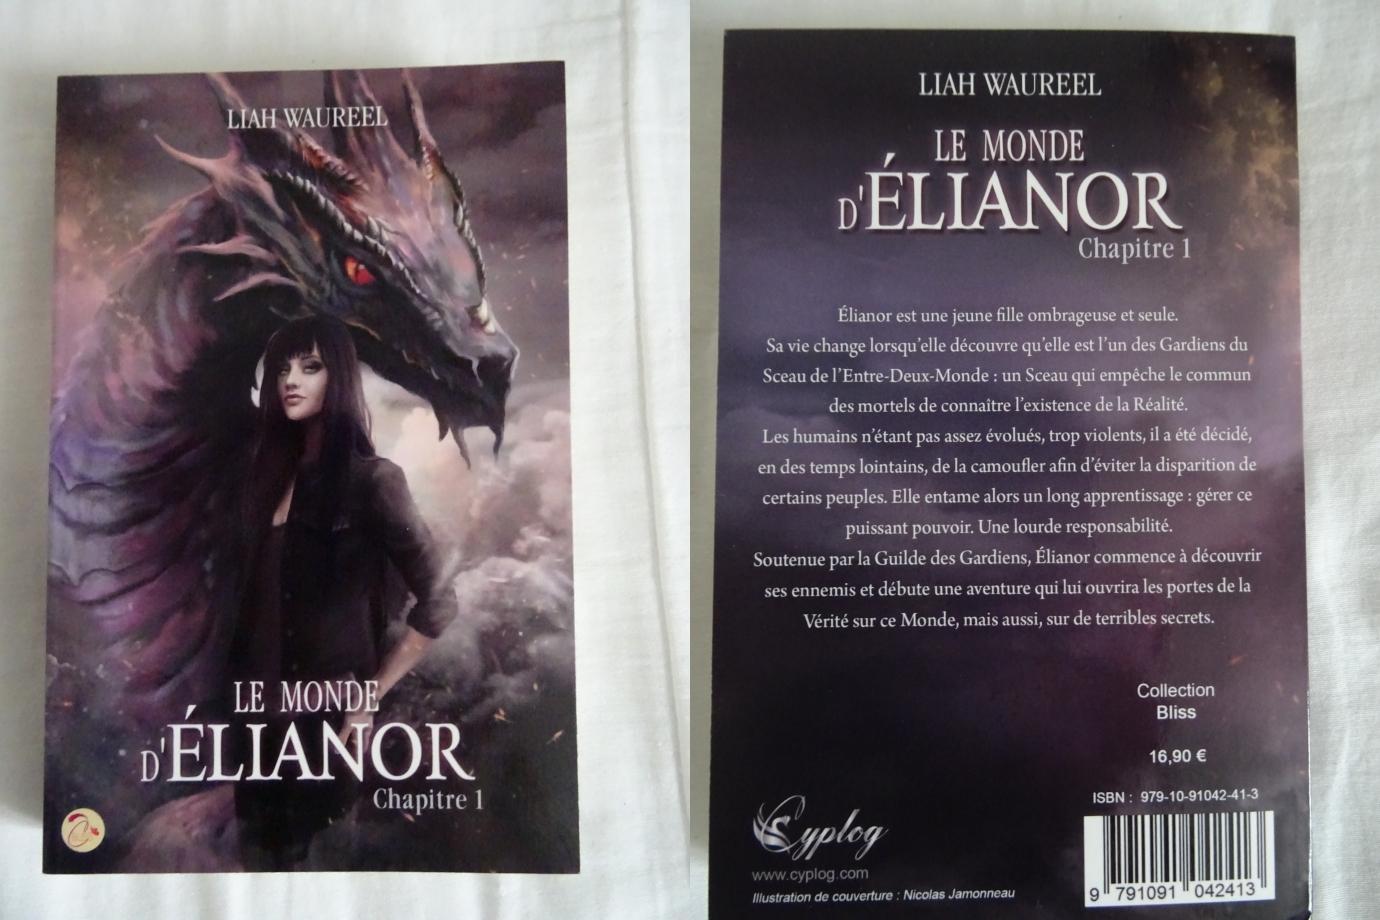 une très bonne surprise que ce roman,même si l'éditeur n'est pas très connu (CYPLOG) ainsi que l'auteur (LIAH WAUREEL),je suis content d'avoir pu découvrir cette belle histoire que ces 4 personnages et leurs dragons vraisemblablement les héros du monde d'élianor,possédant les pouvoirs du feu,de l'air,de la terre et de l'eau en tachant de les maitriser,situé quelque part entre fantasy et notre siècle(une originalité) cette aventure est bien imaginée,j'ai adoré ce premier chapitre même si le tome est un peu court(248pages) ça reste captivant pour tout amateur de fantastique d'autant plus,vu comment se termine la fin,il devrait logiquement y avoir une suite.un très bon moment de lecture,beau et magnifique à la fois.